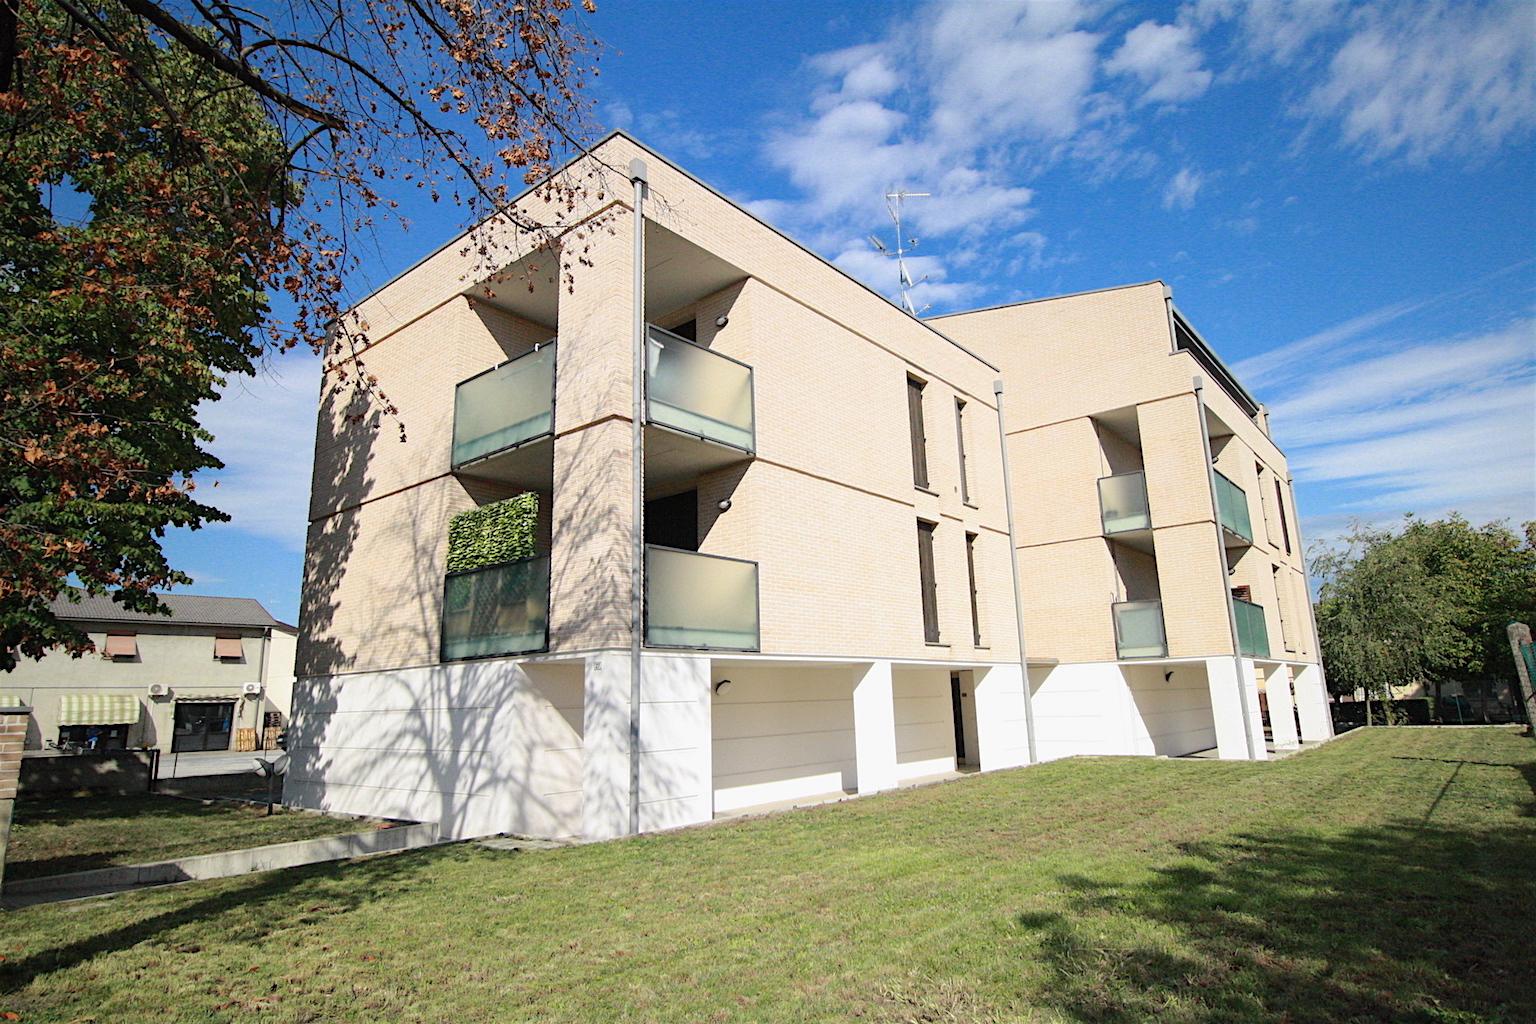 Appartamento in vendita a Sant'Ilario d'Enza, 3 locali, prezzo € 125.000 | CambioCasa.it